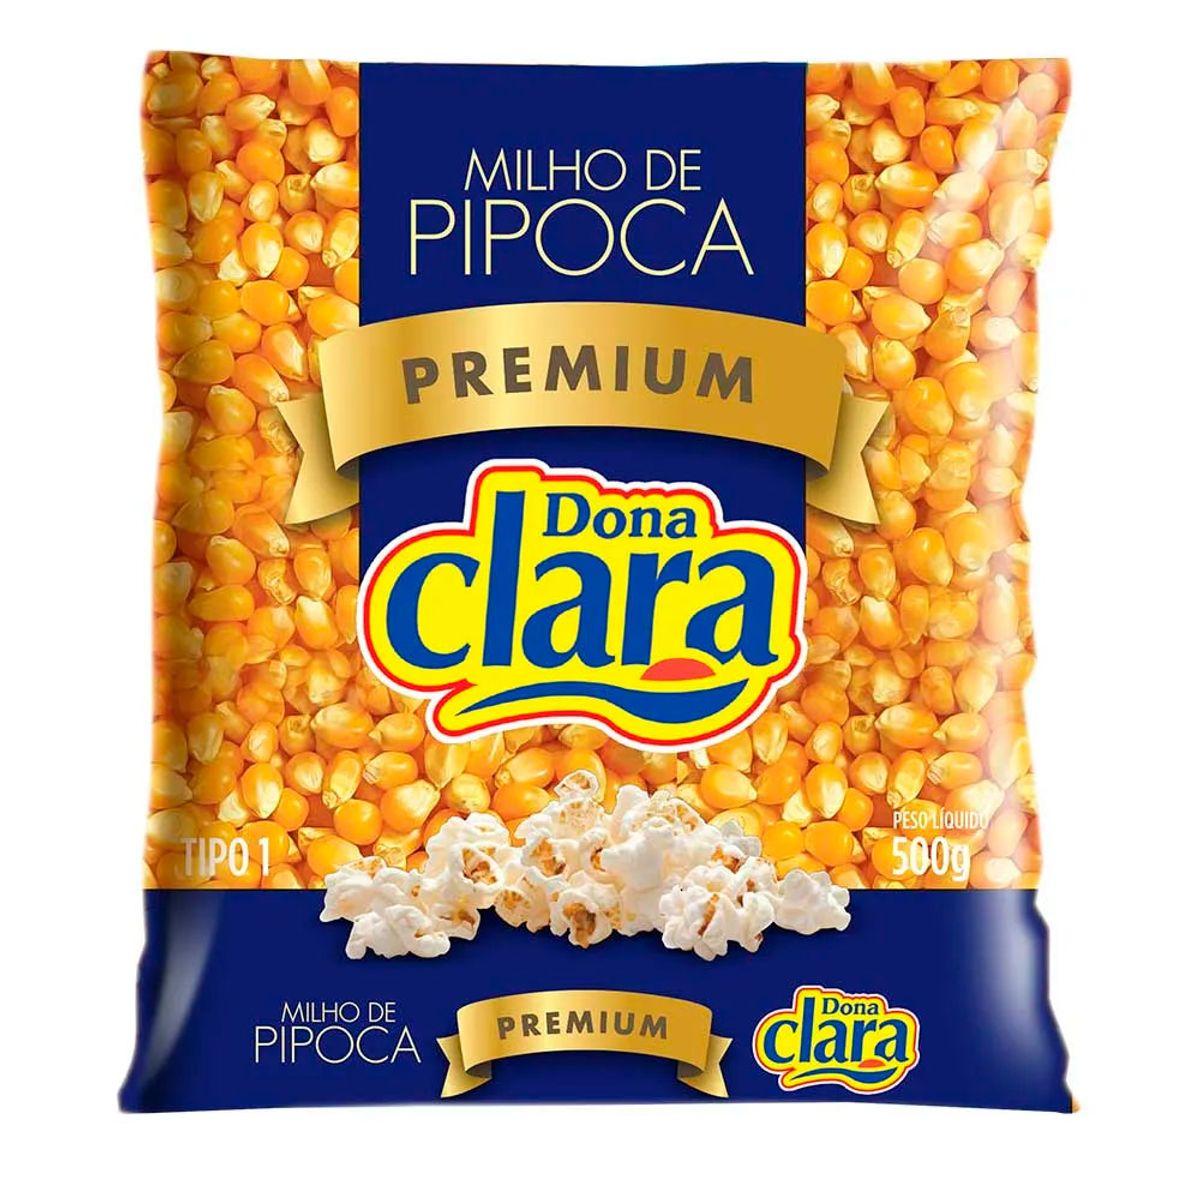 MILHO DE PIPOCA PREMIUM DONA CLARA